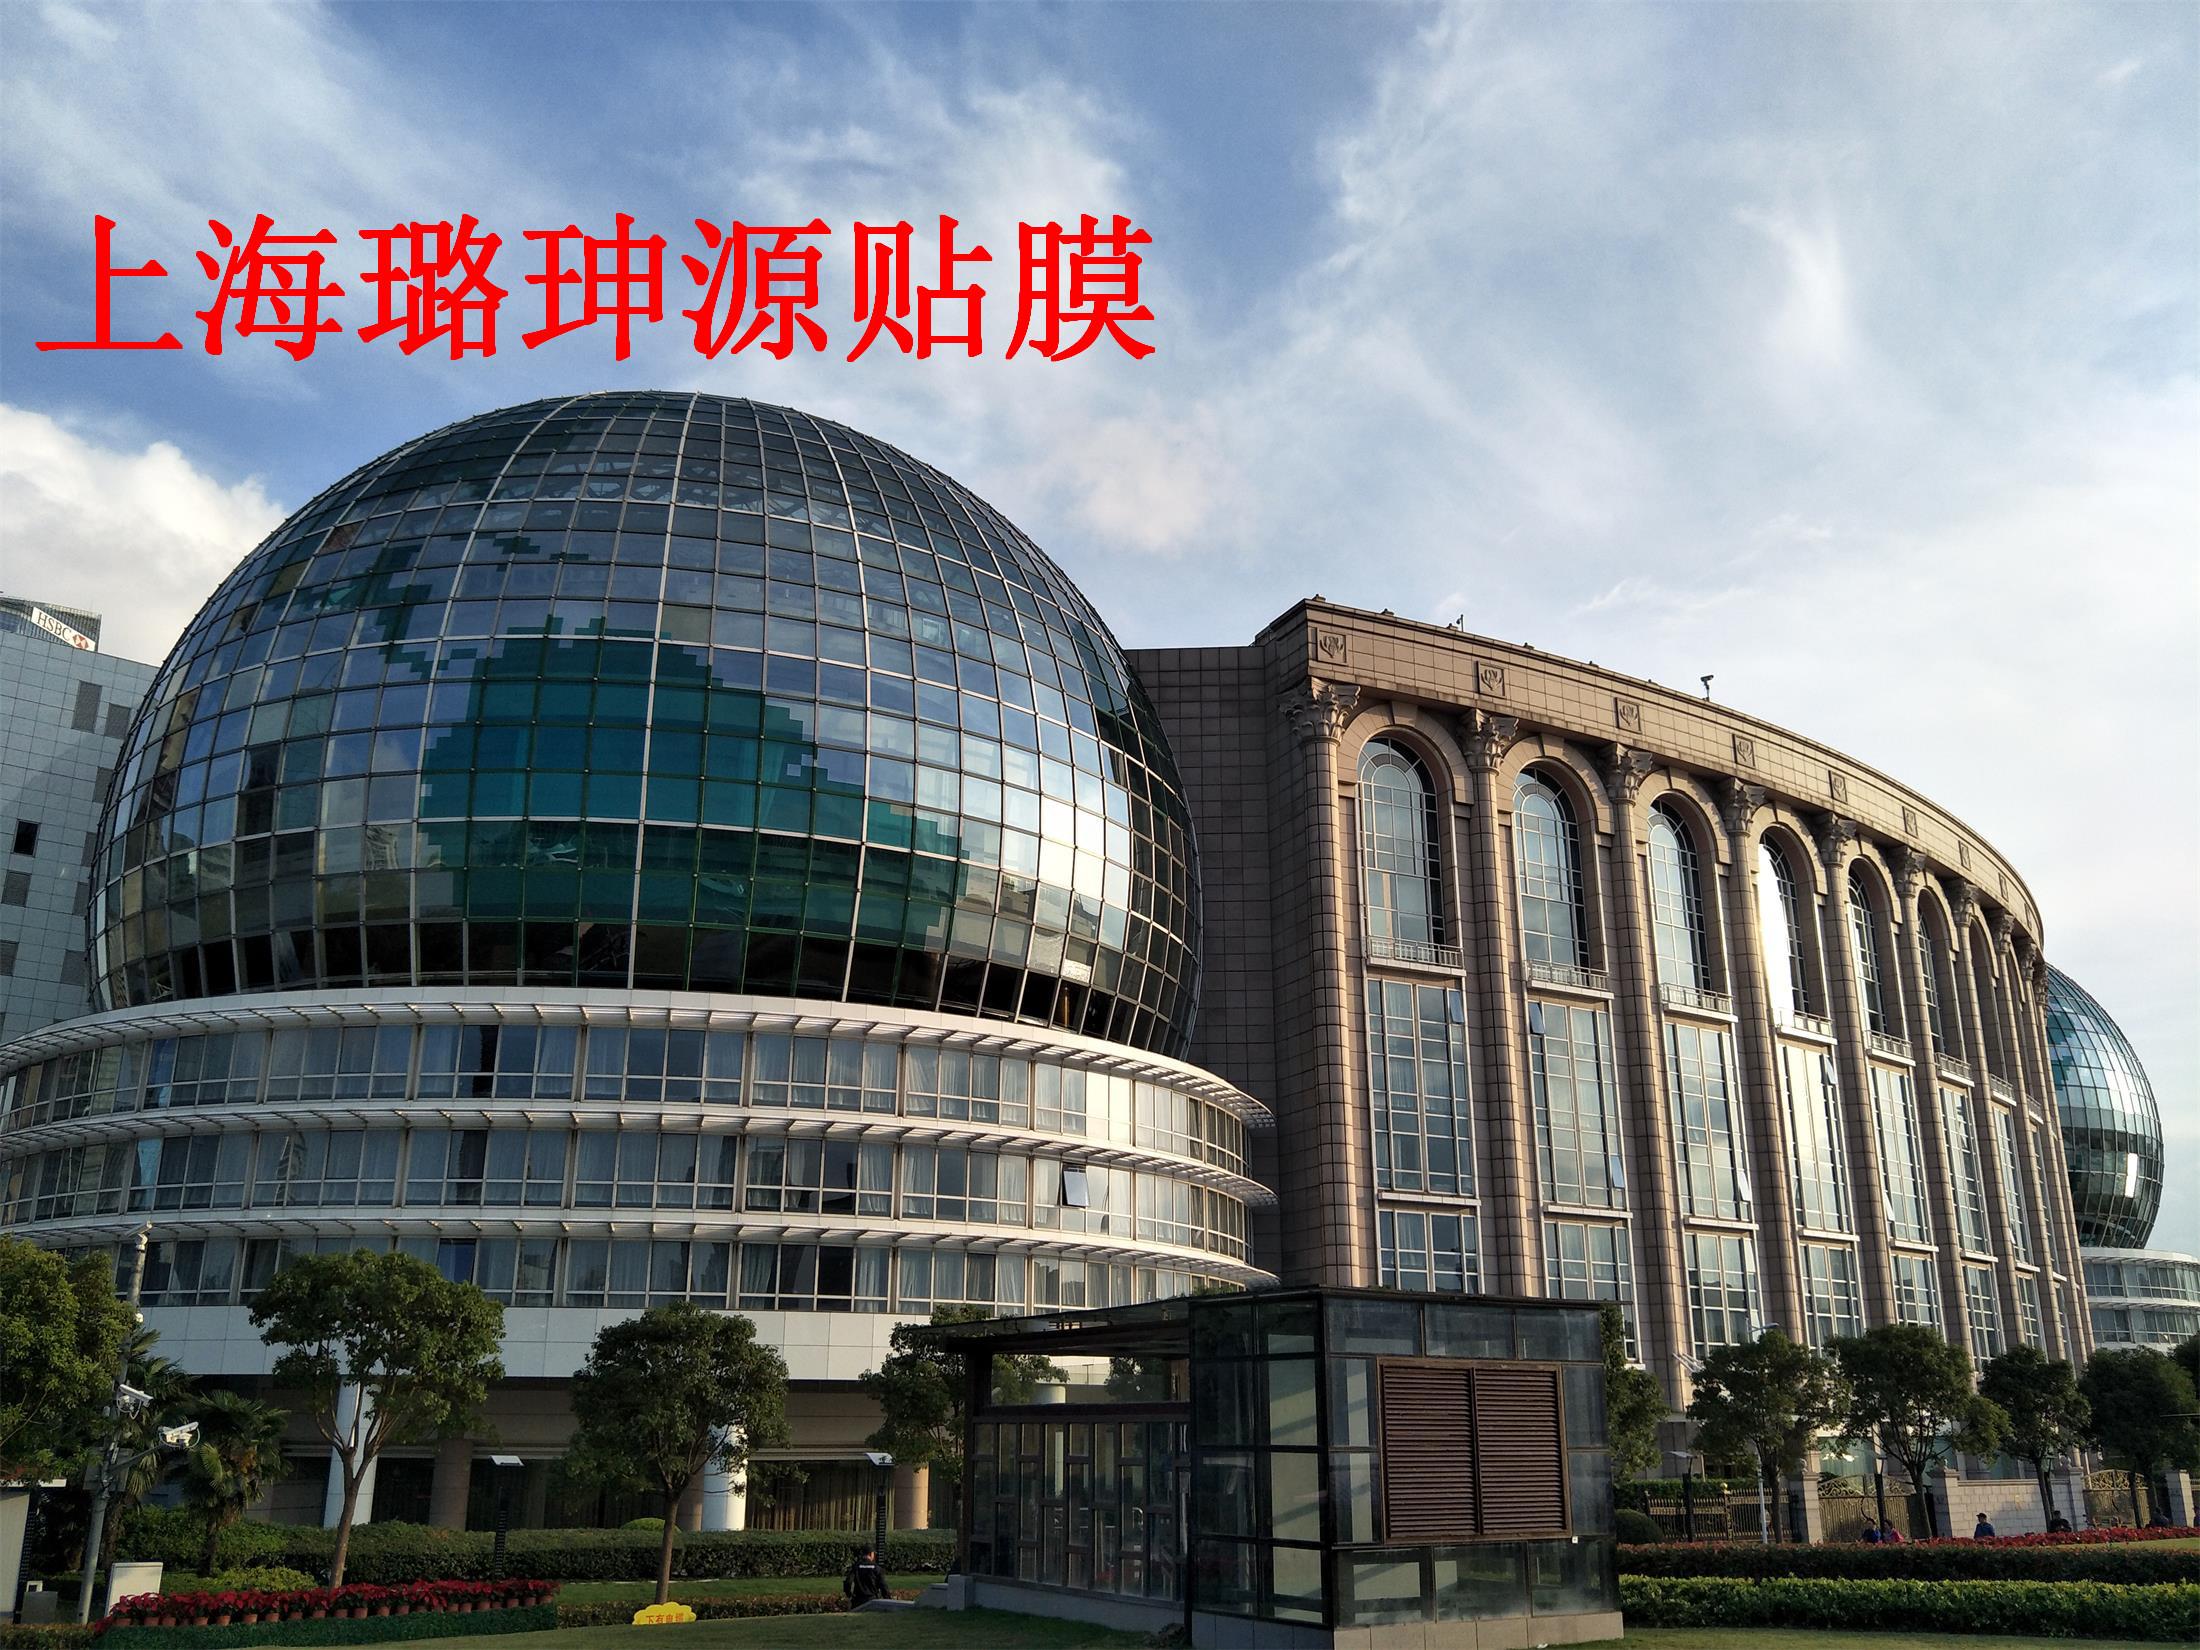 浦東國際會議中心貼膜